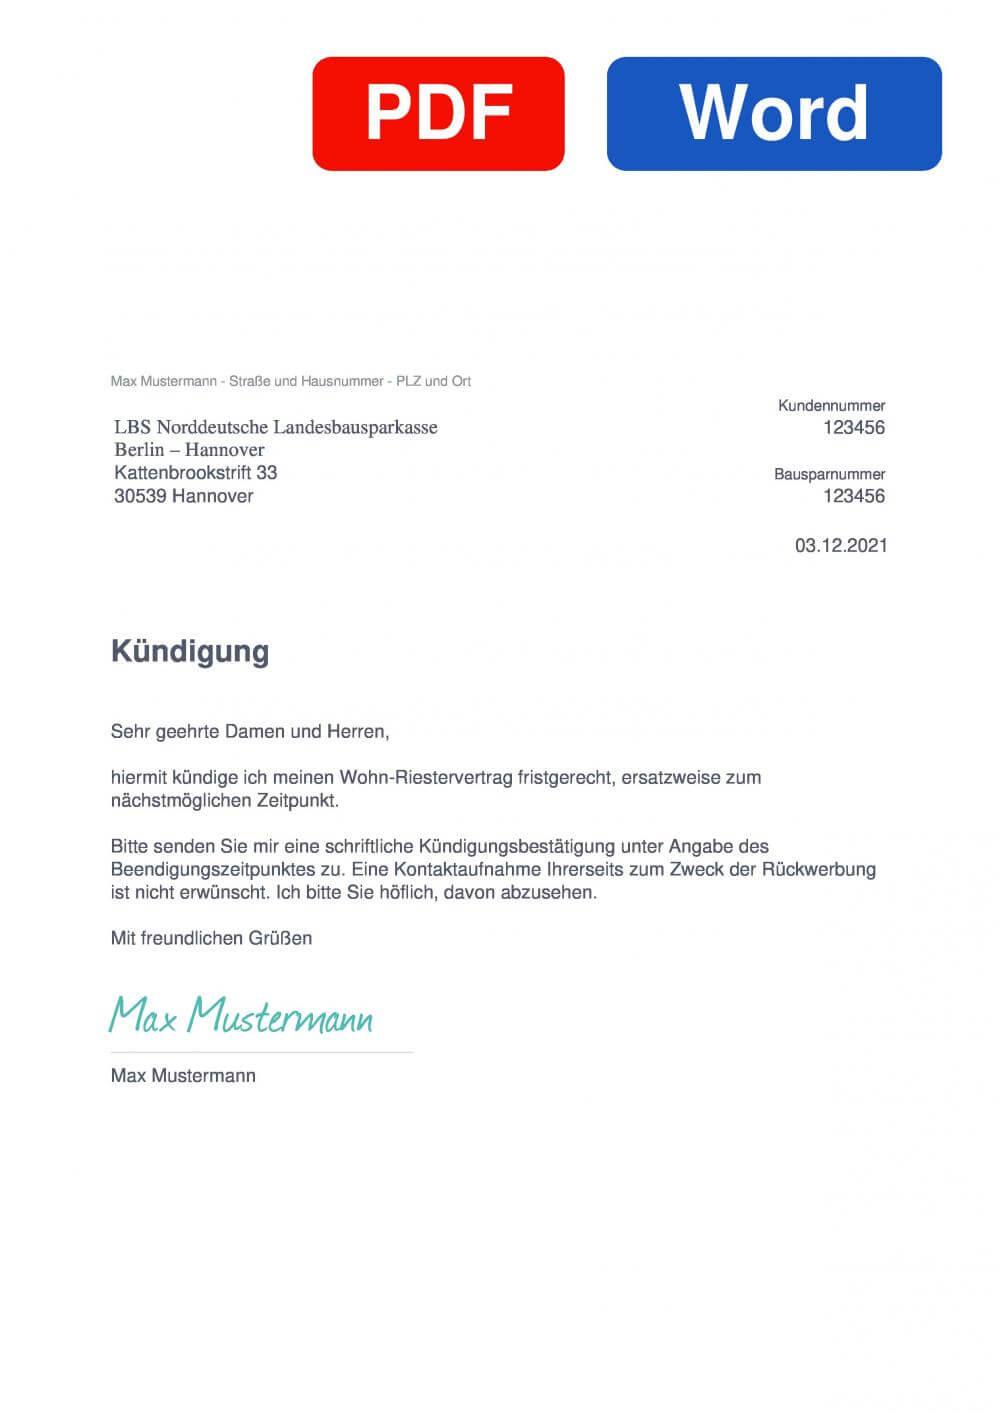 LBS Norddeutsche Landesbausparkasse Berlin – Hannover Muster Vorlage für Kündigungsschreiben